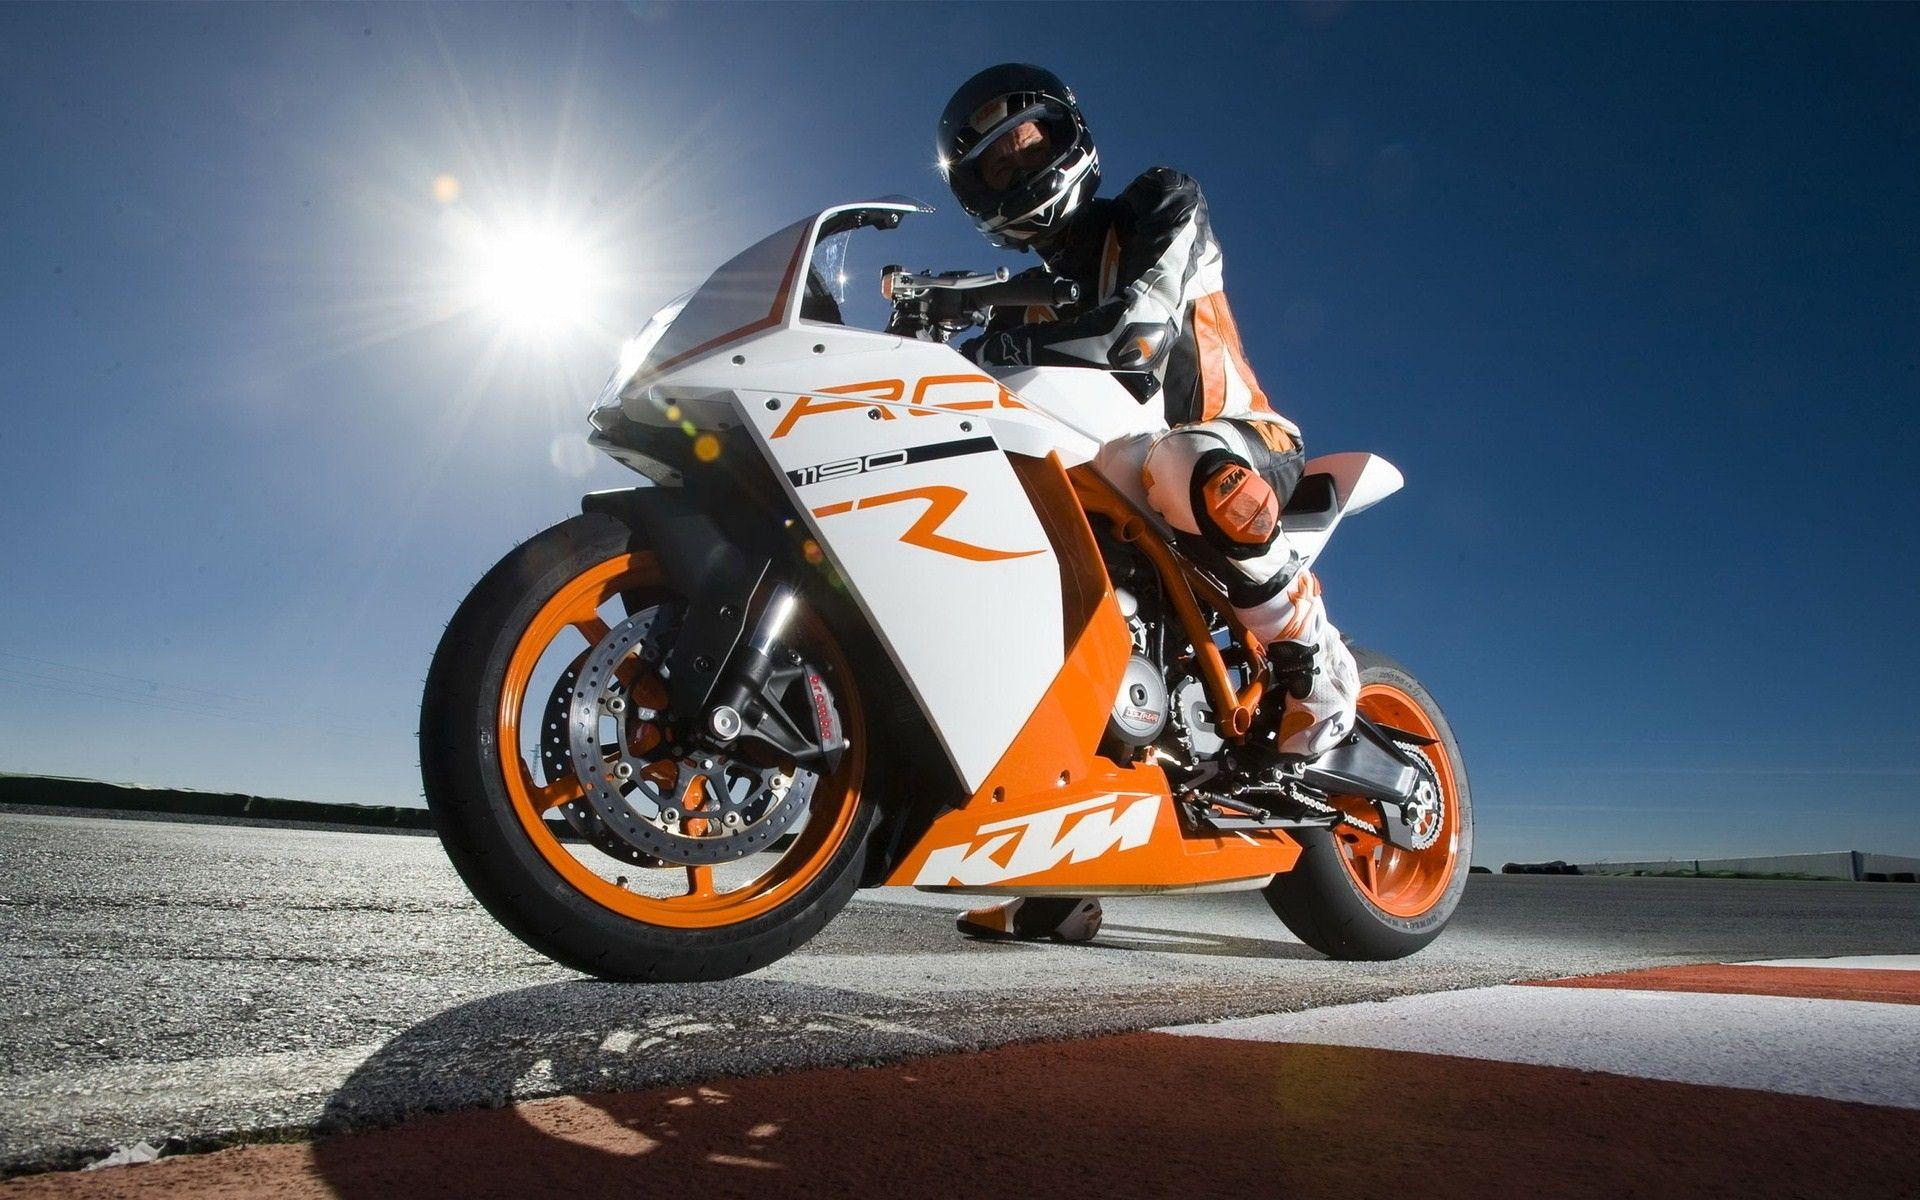 White Orange Ktm Bike Wallpaper Http Www Gbwallpapers Com